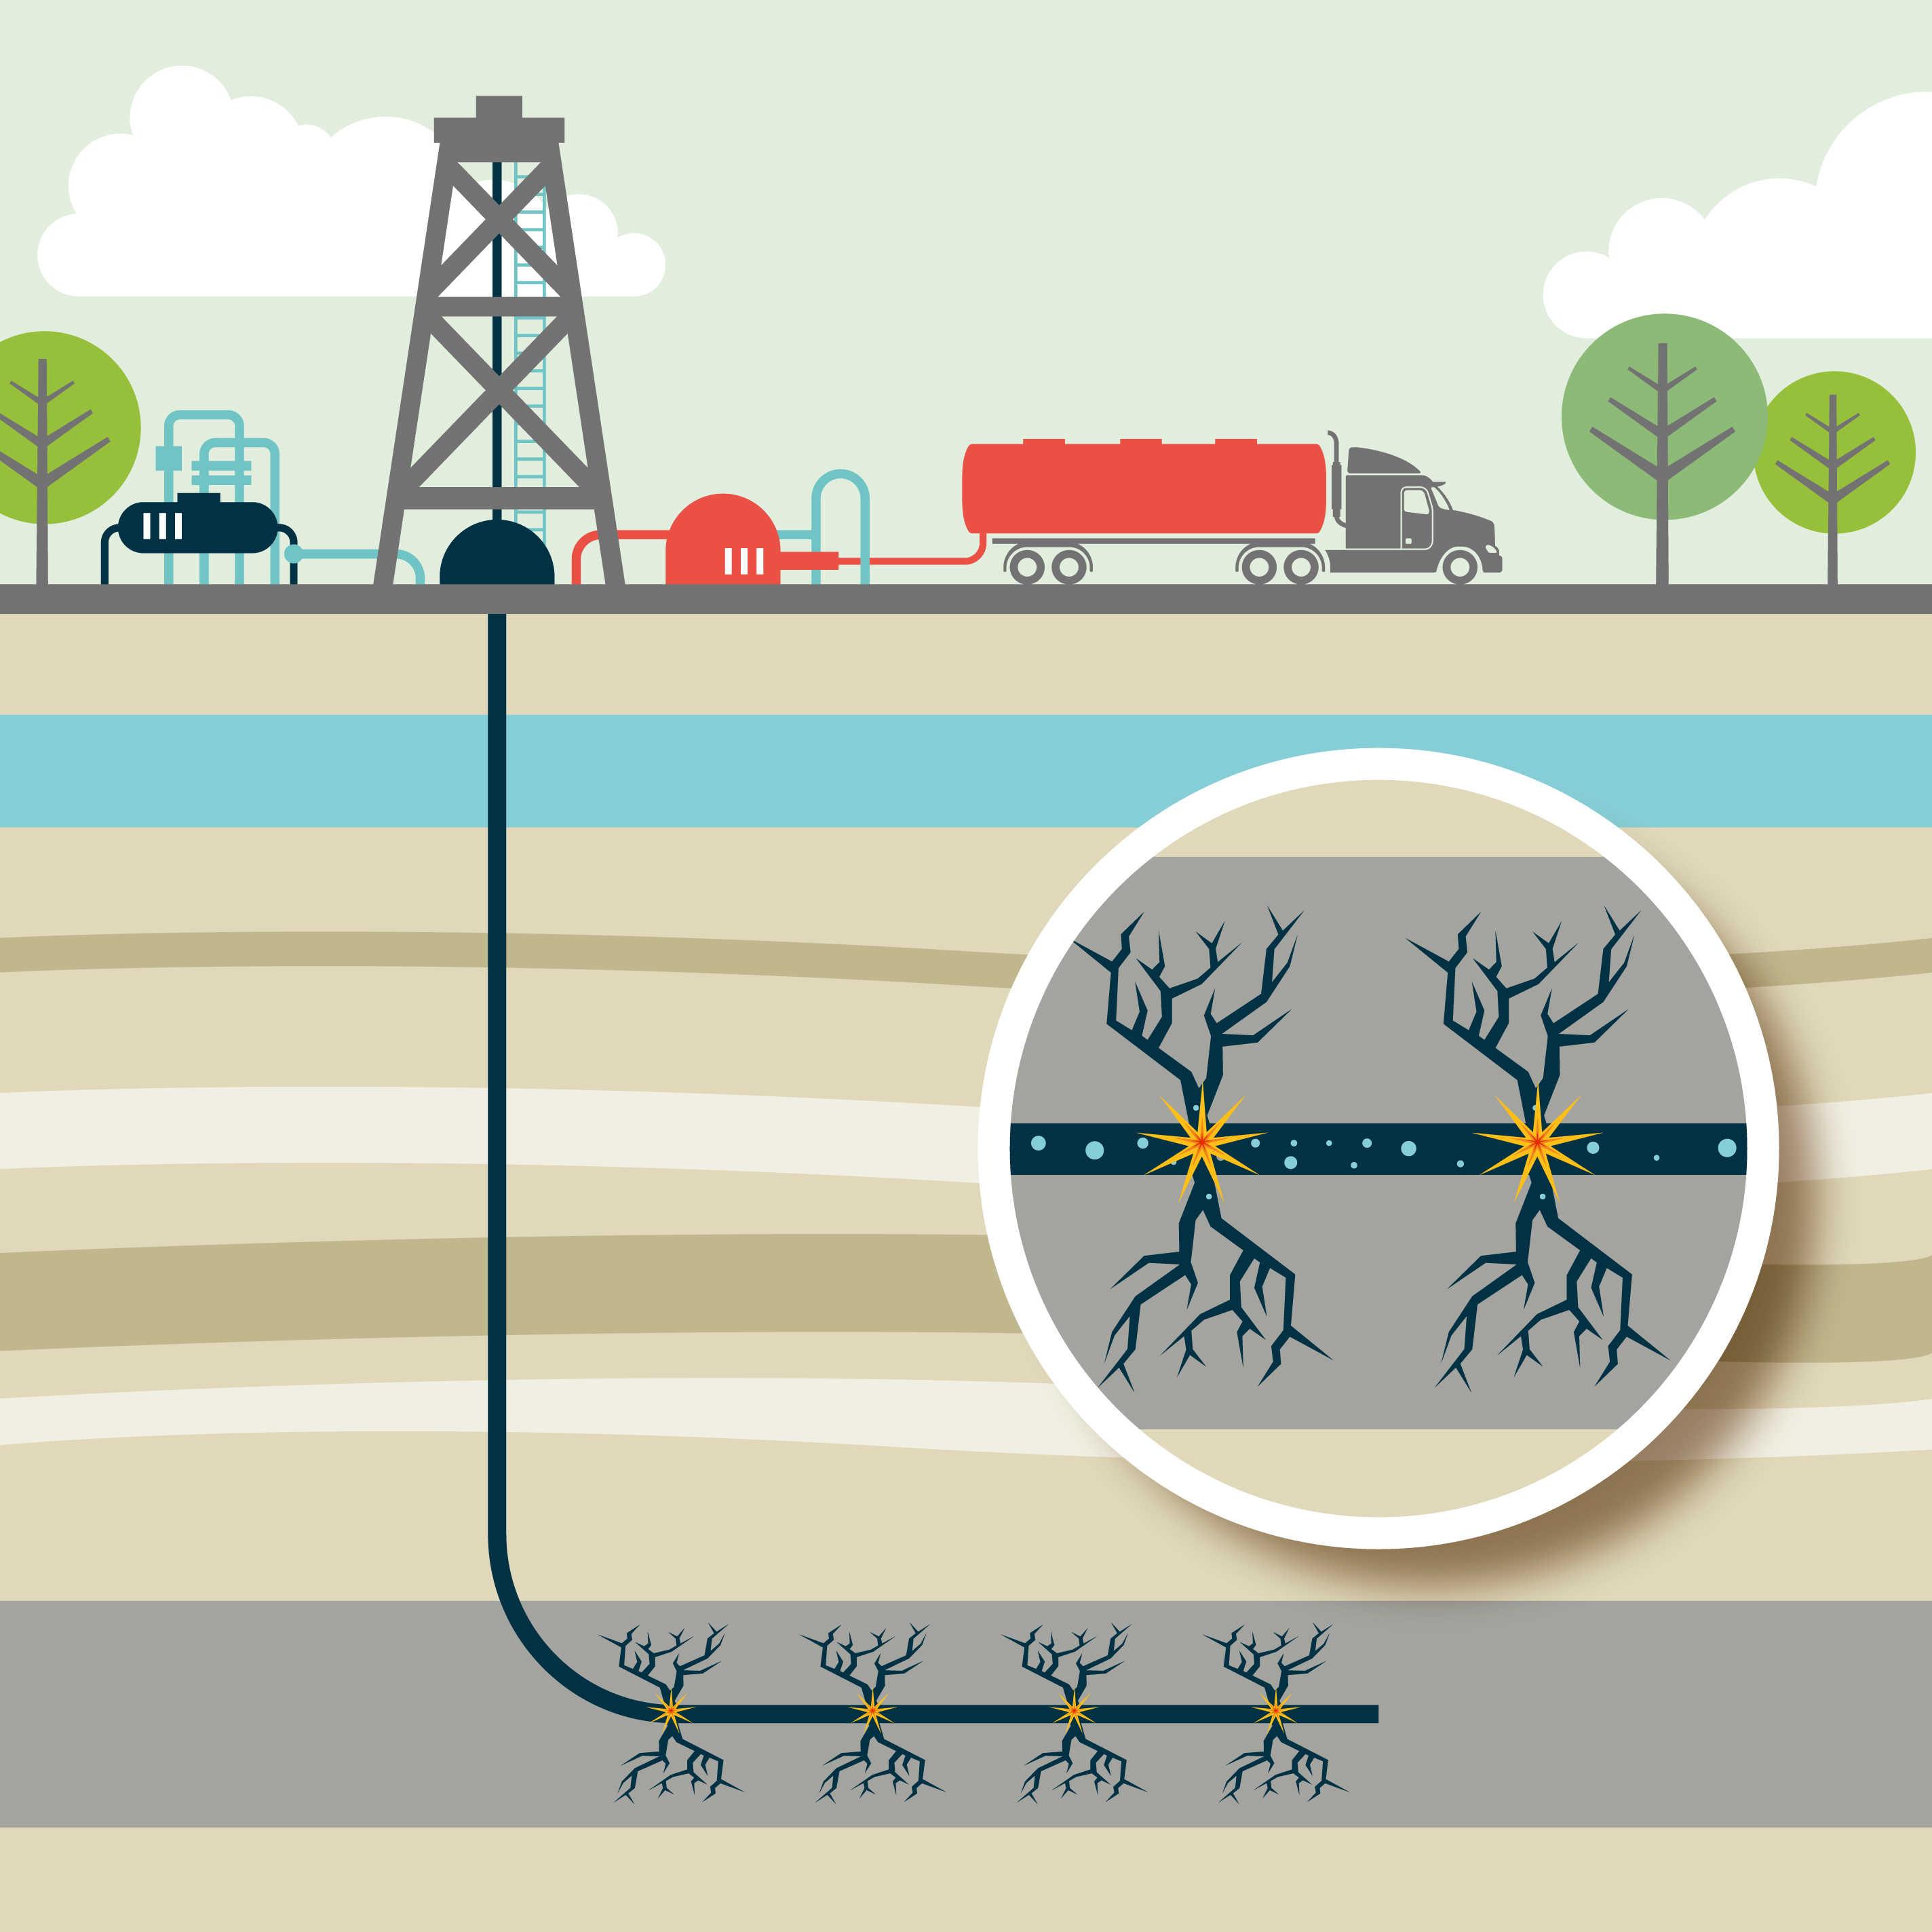 Energías renovables y fracking: La eólica es cuatro veces más eficiente que el fracking.